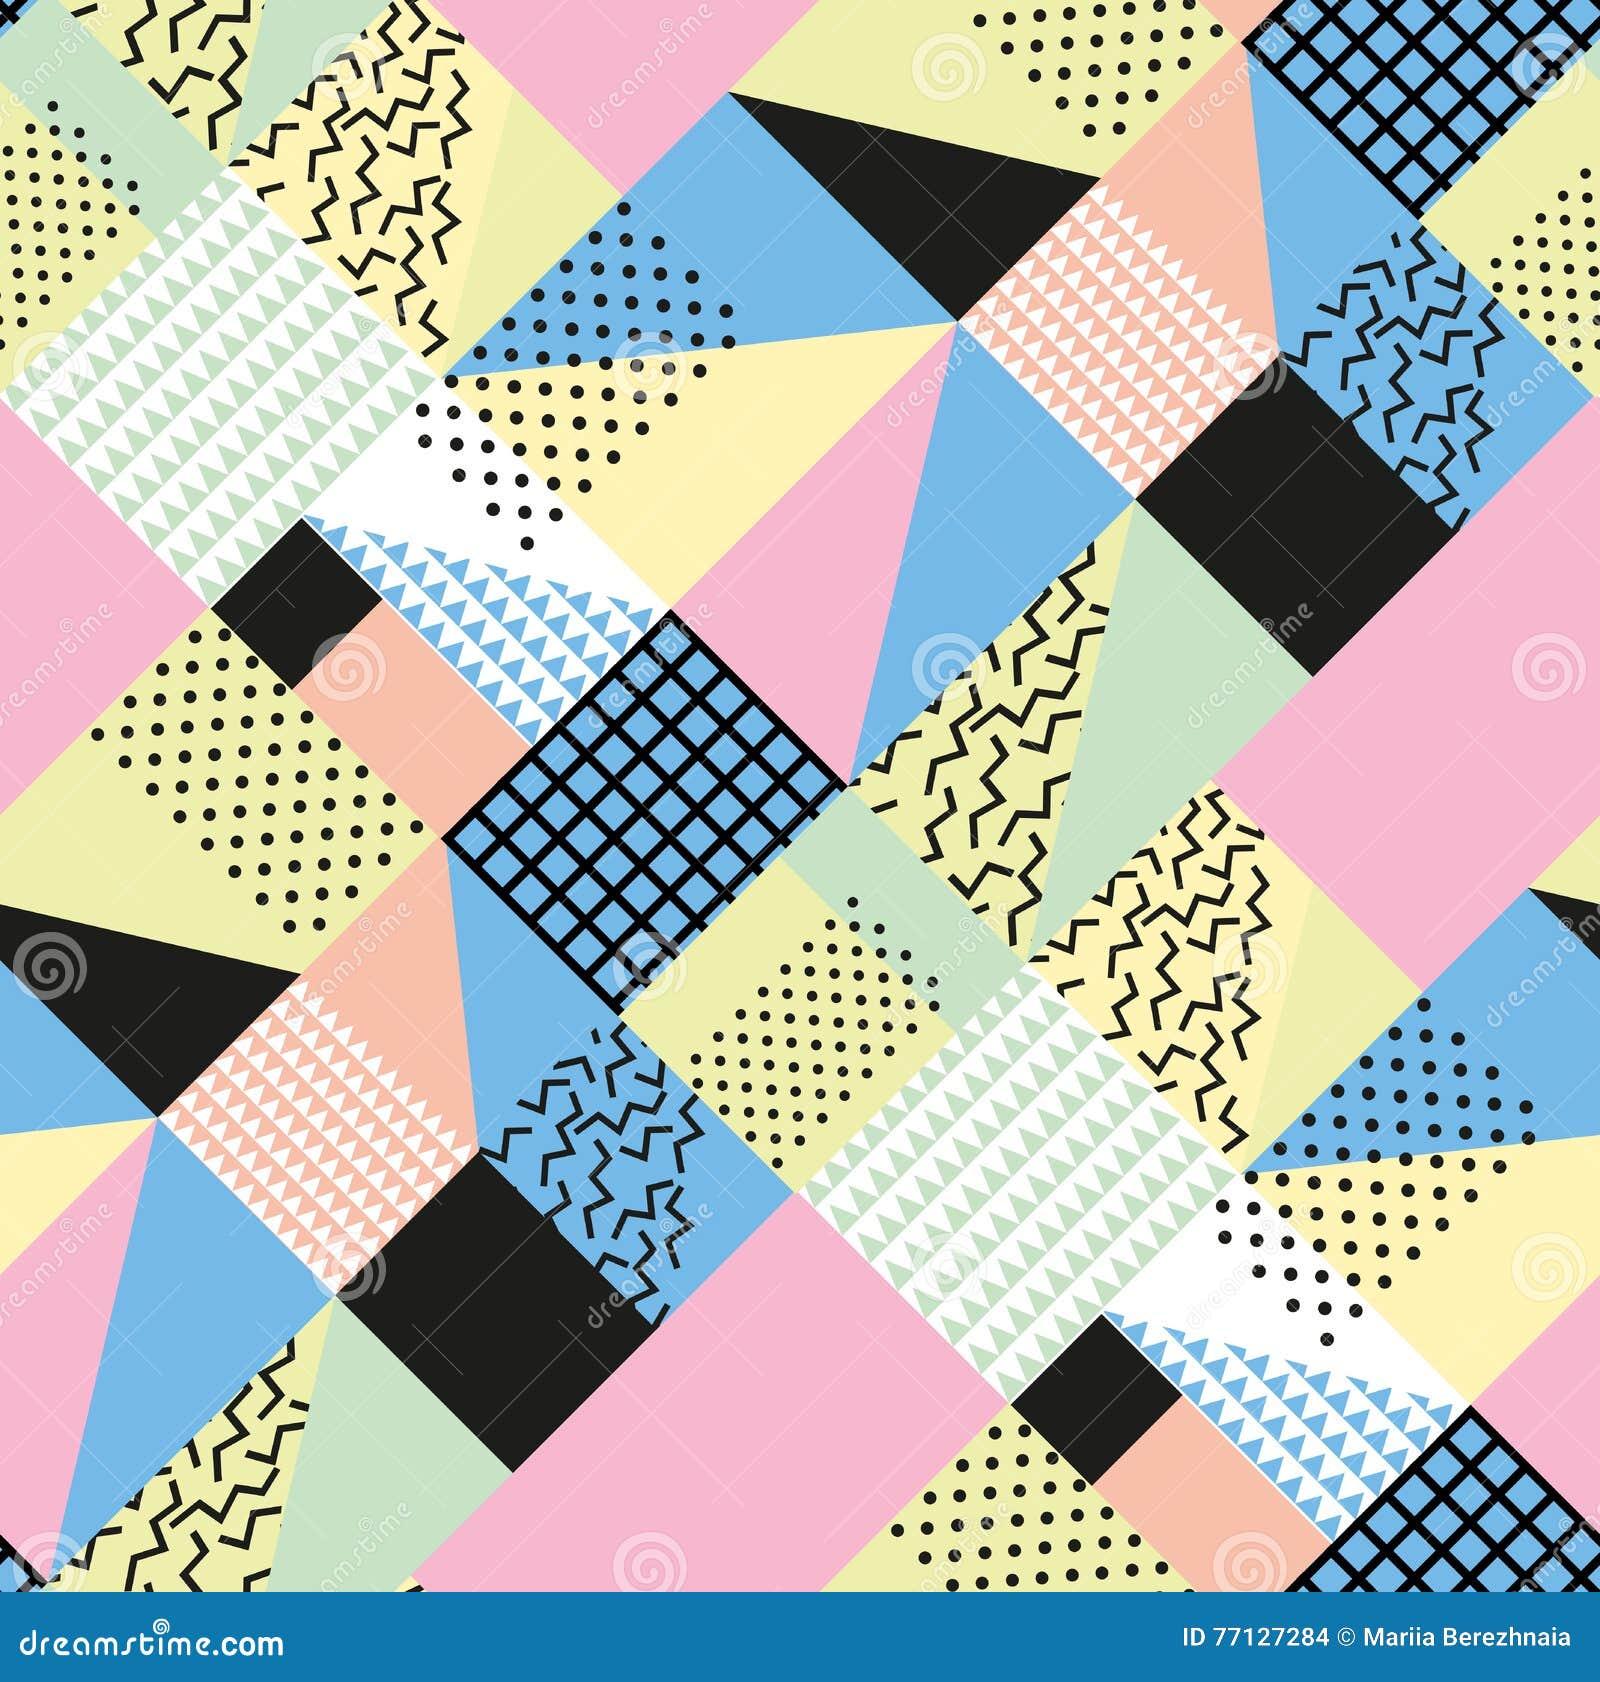 Art der Retro- Weinlesemode 80s oder 90s Nahtloses Muster Memphis Modische geometrische Elemente Moderne abstrakte Auslegung